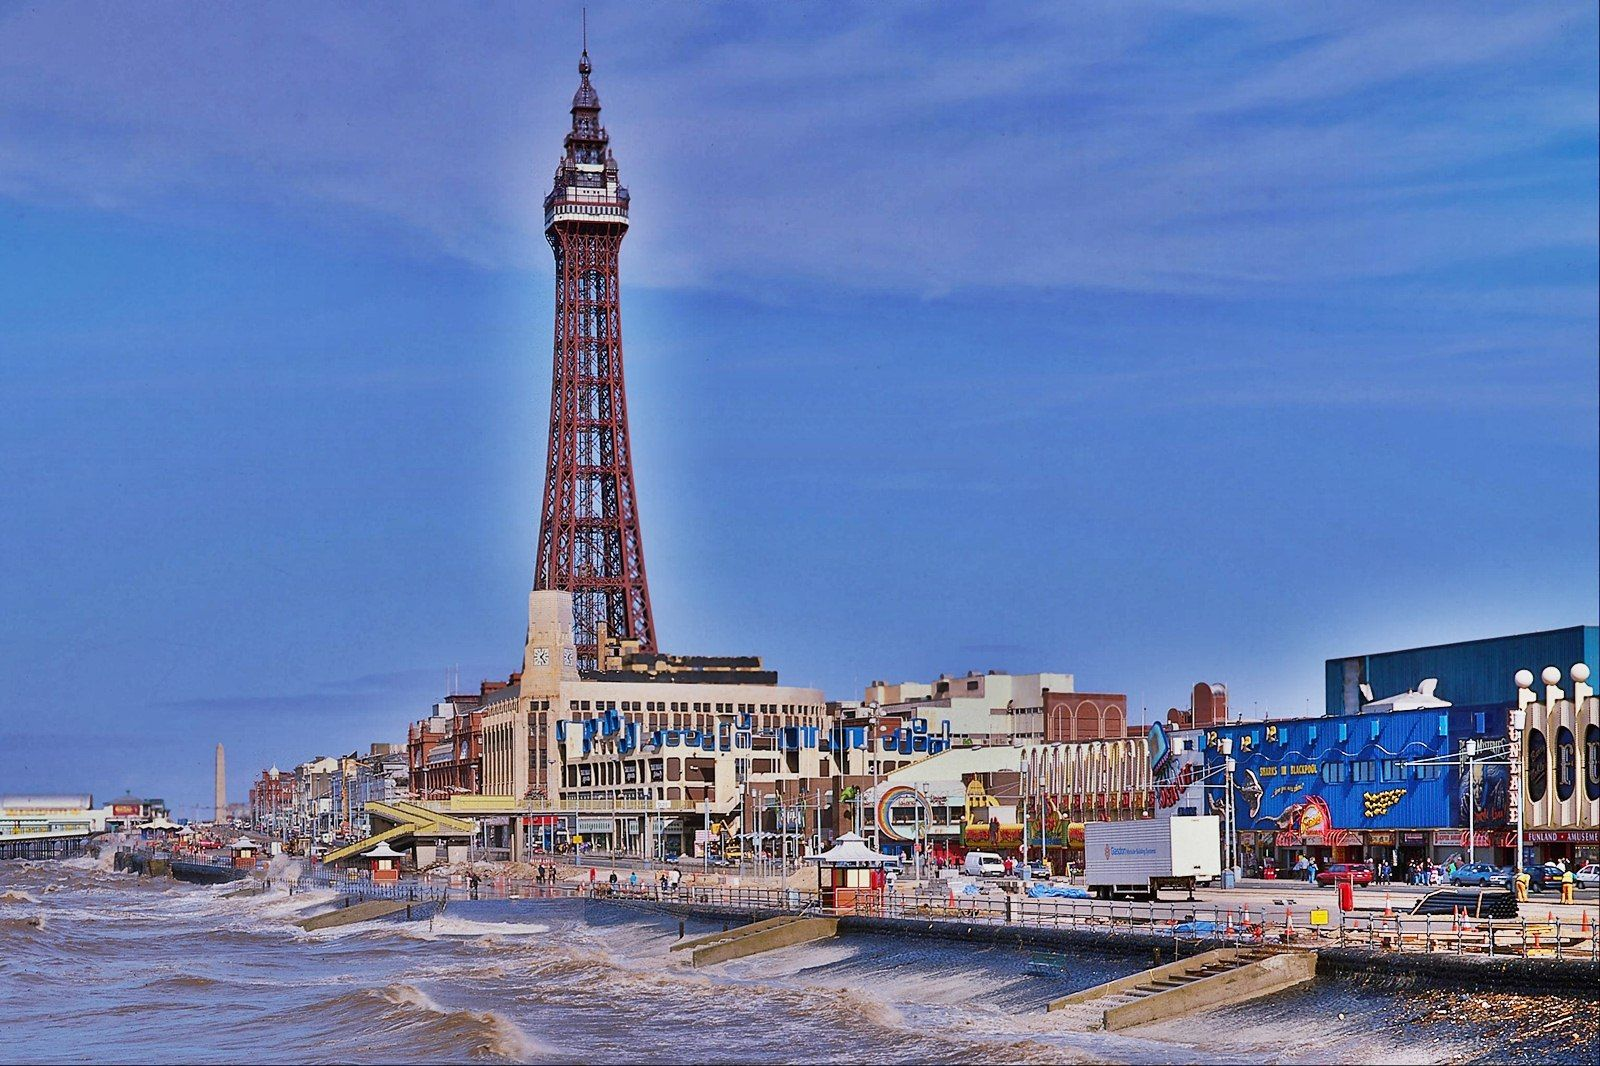 Blackpool | blackpool tower Blackpool, England | Heritage ...